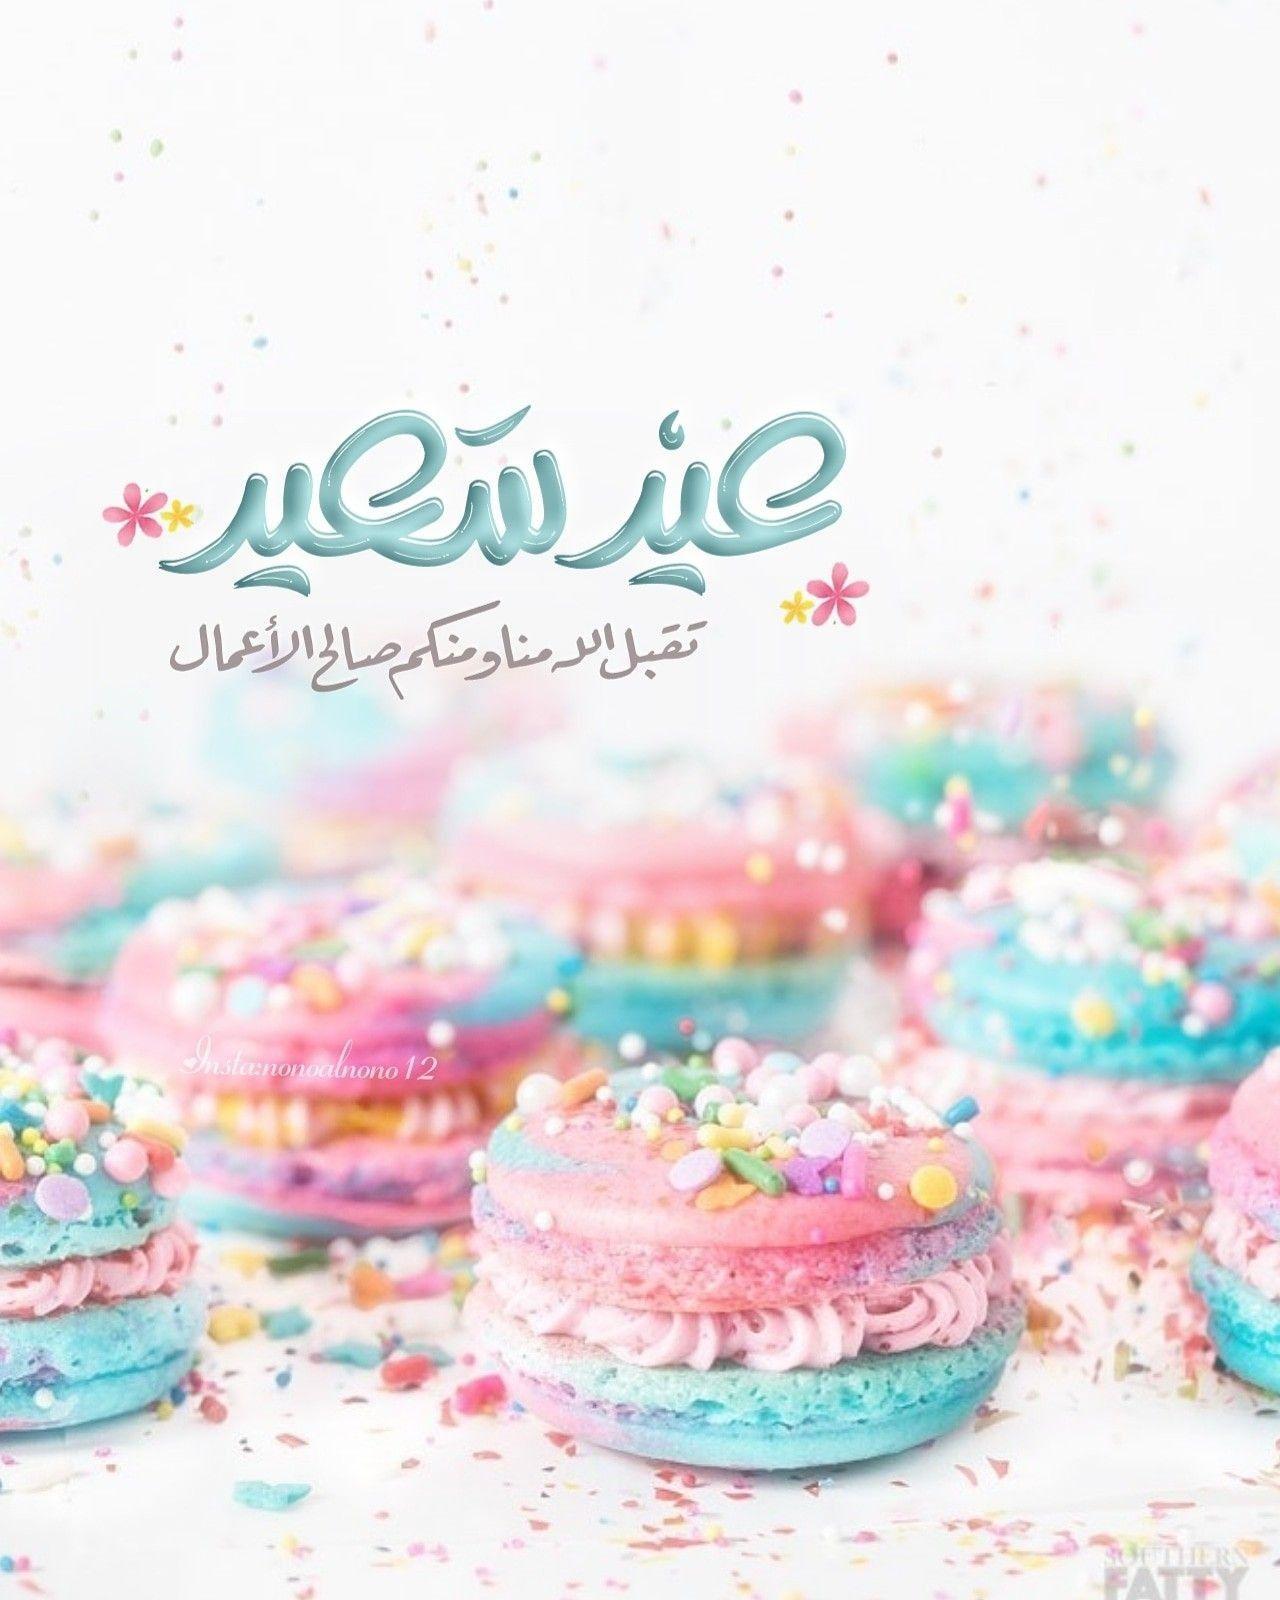 سبة عيد الاضحى المبارك عبارات تهنئة بمناسبة عيد الفطر المبارك بطاقات تهنئة بمناسبة عيد الفطر 2019 تهاني العيد ميلاد خواطر ع Eid Greetings Eid Mubarik Happy Eid